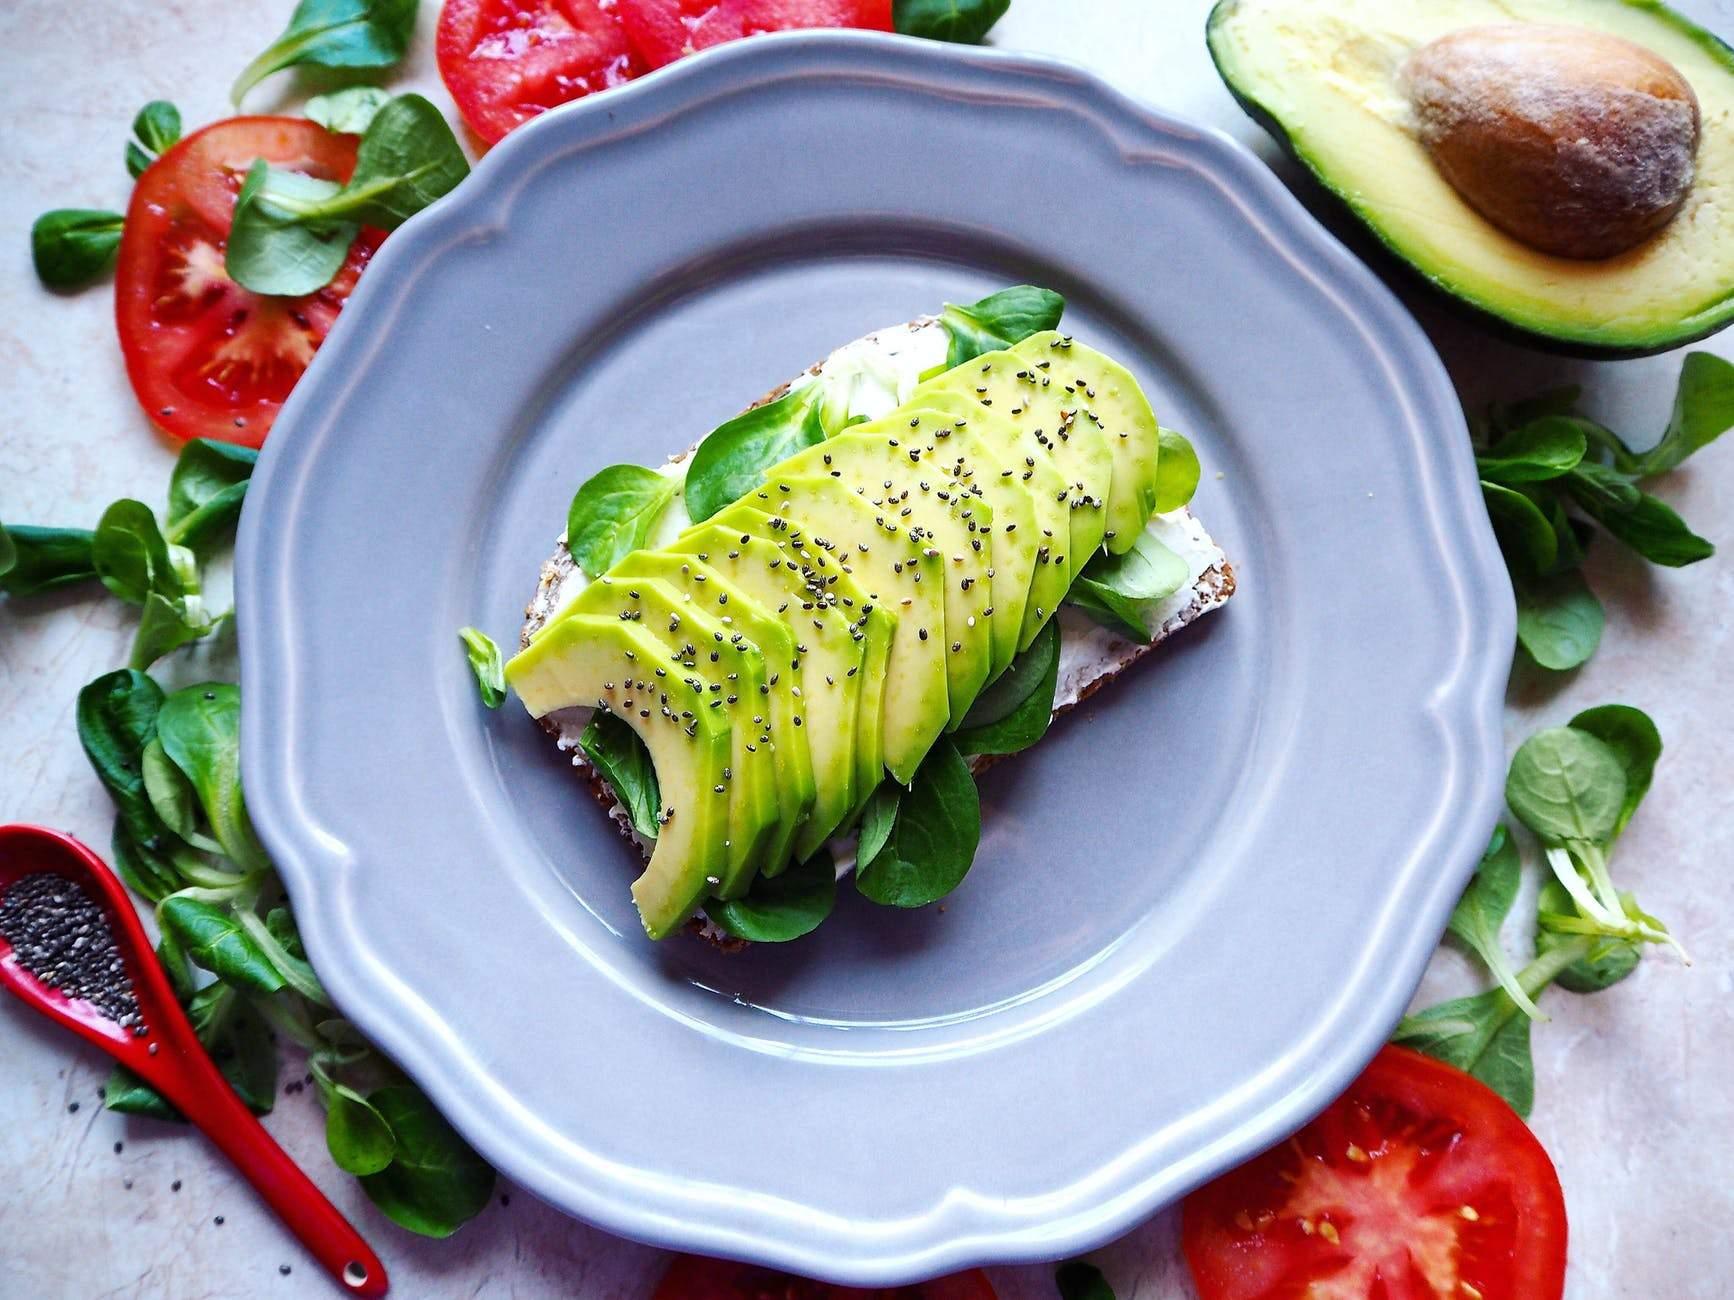 ненасичені жирні кислоти, які місяться в авокадо, здатні регулювання рівень